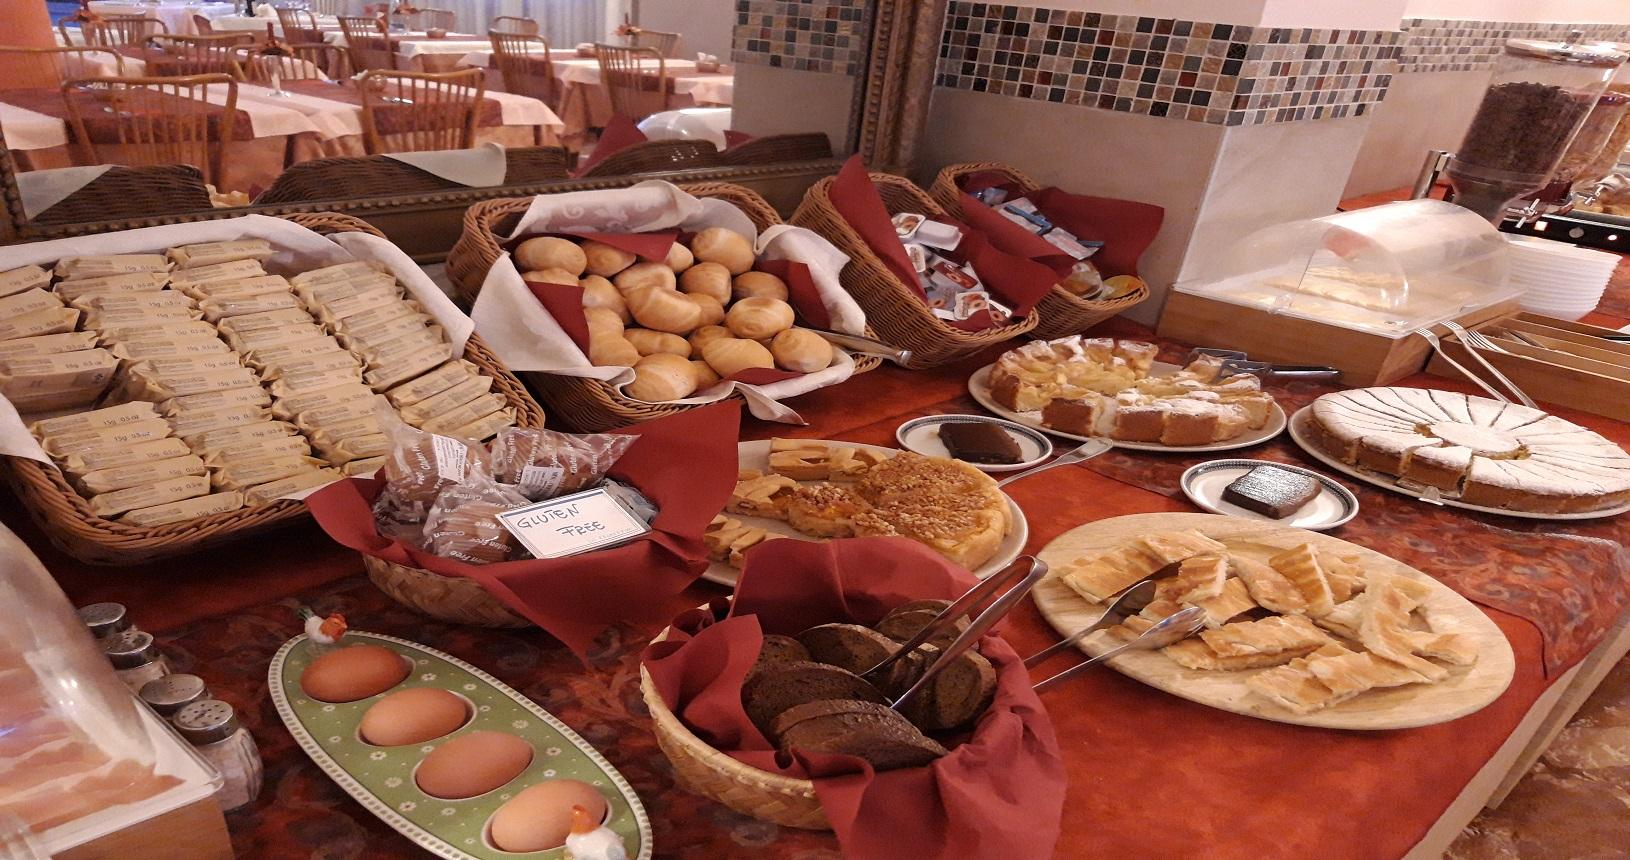 buffet colazione hotel esperia genova 1